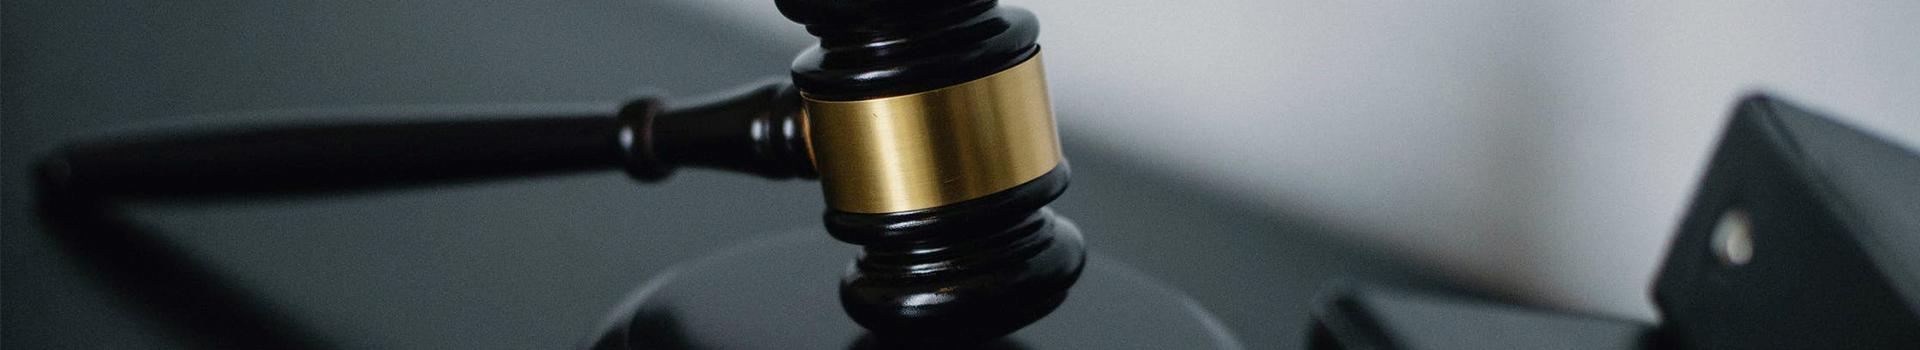 Главная картинка статьи Как стать юристом? Какое образование нужно?